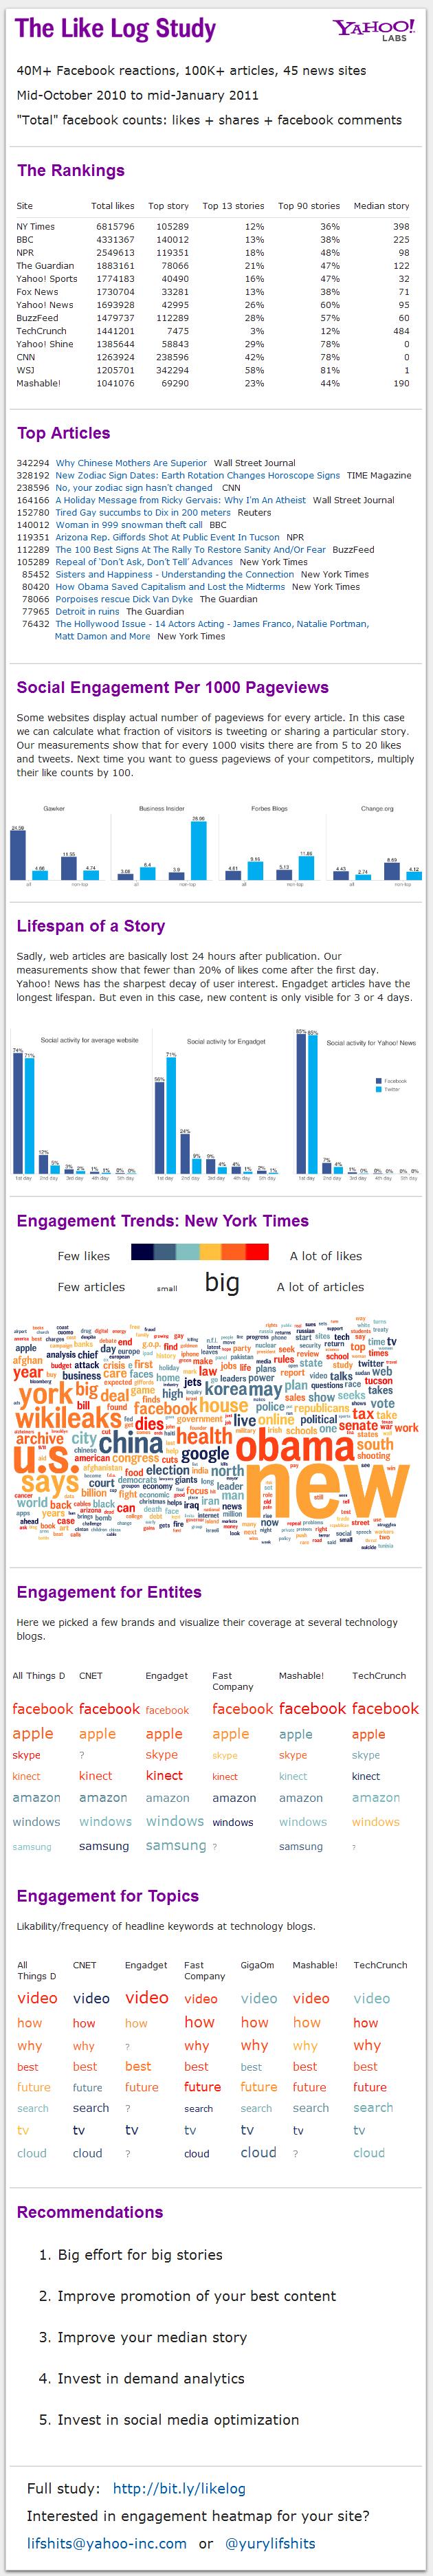 Like Log study infographic